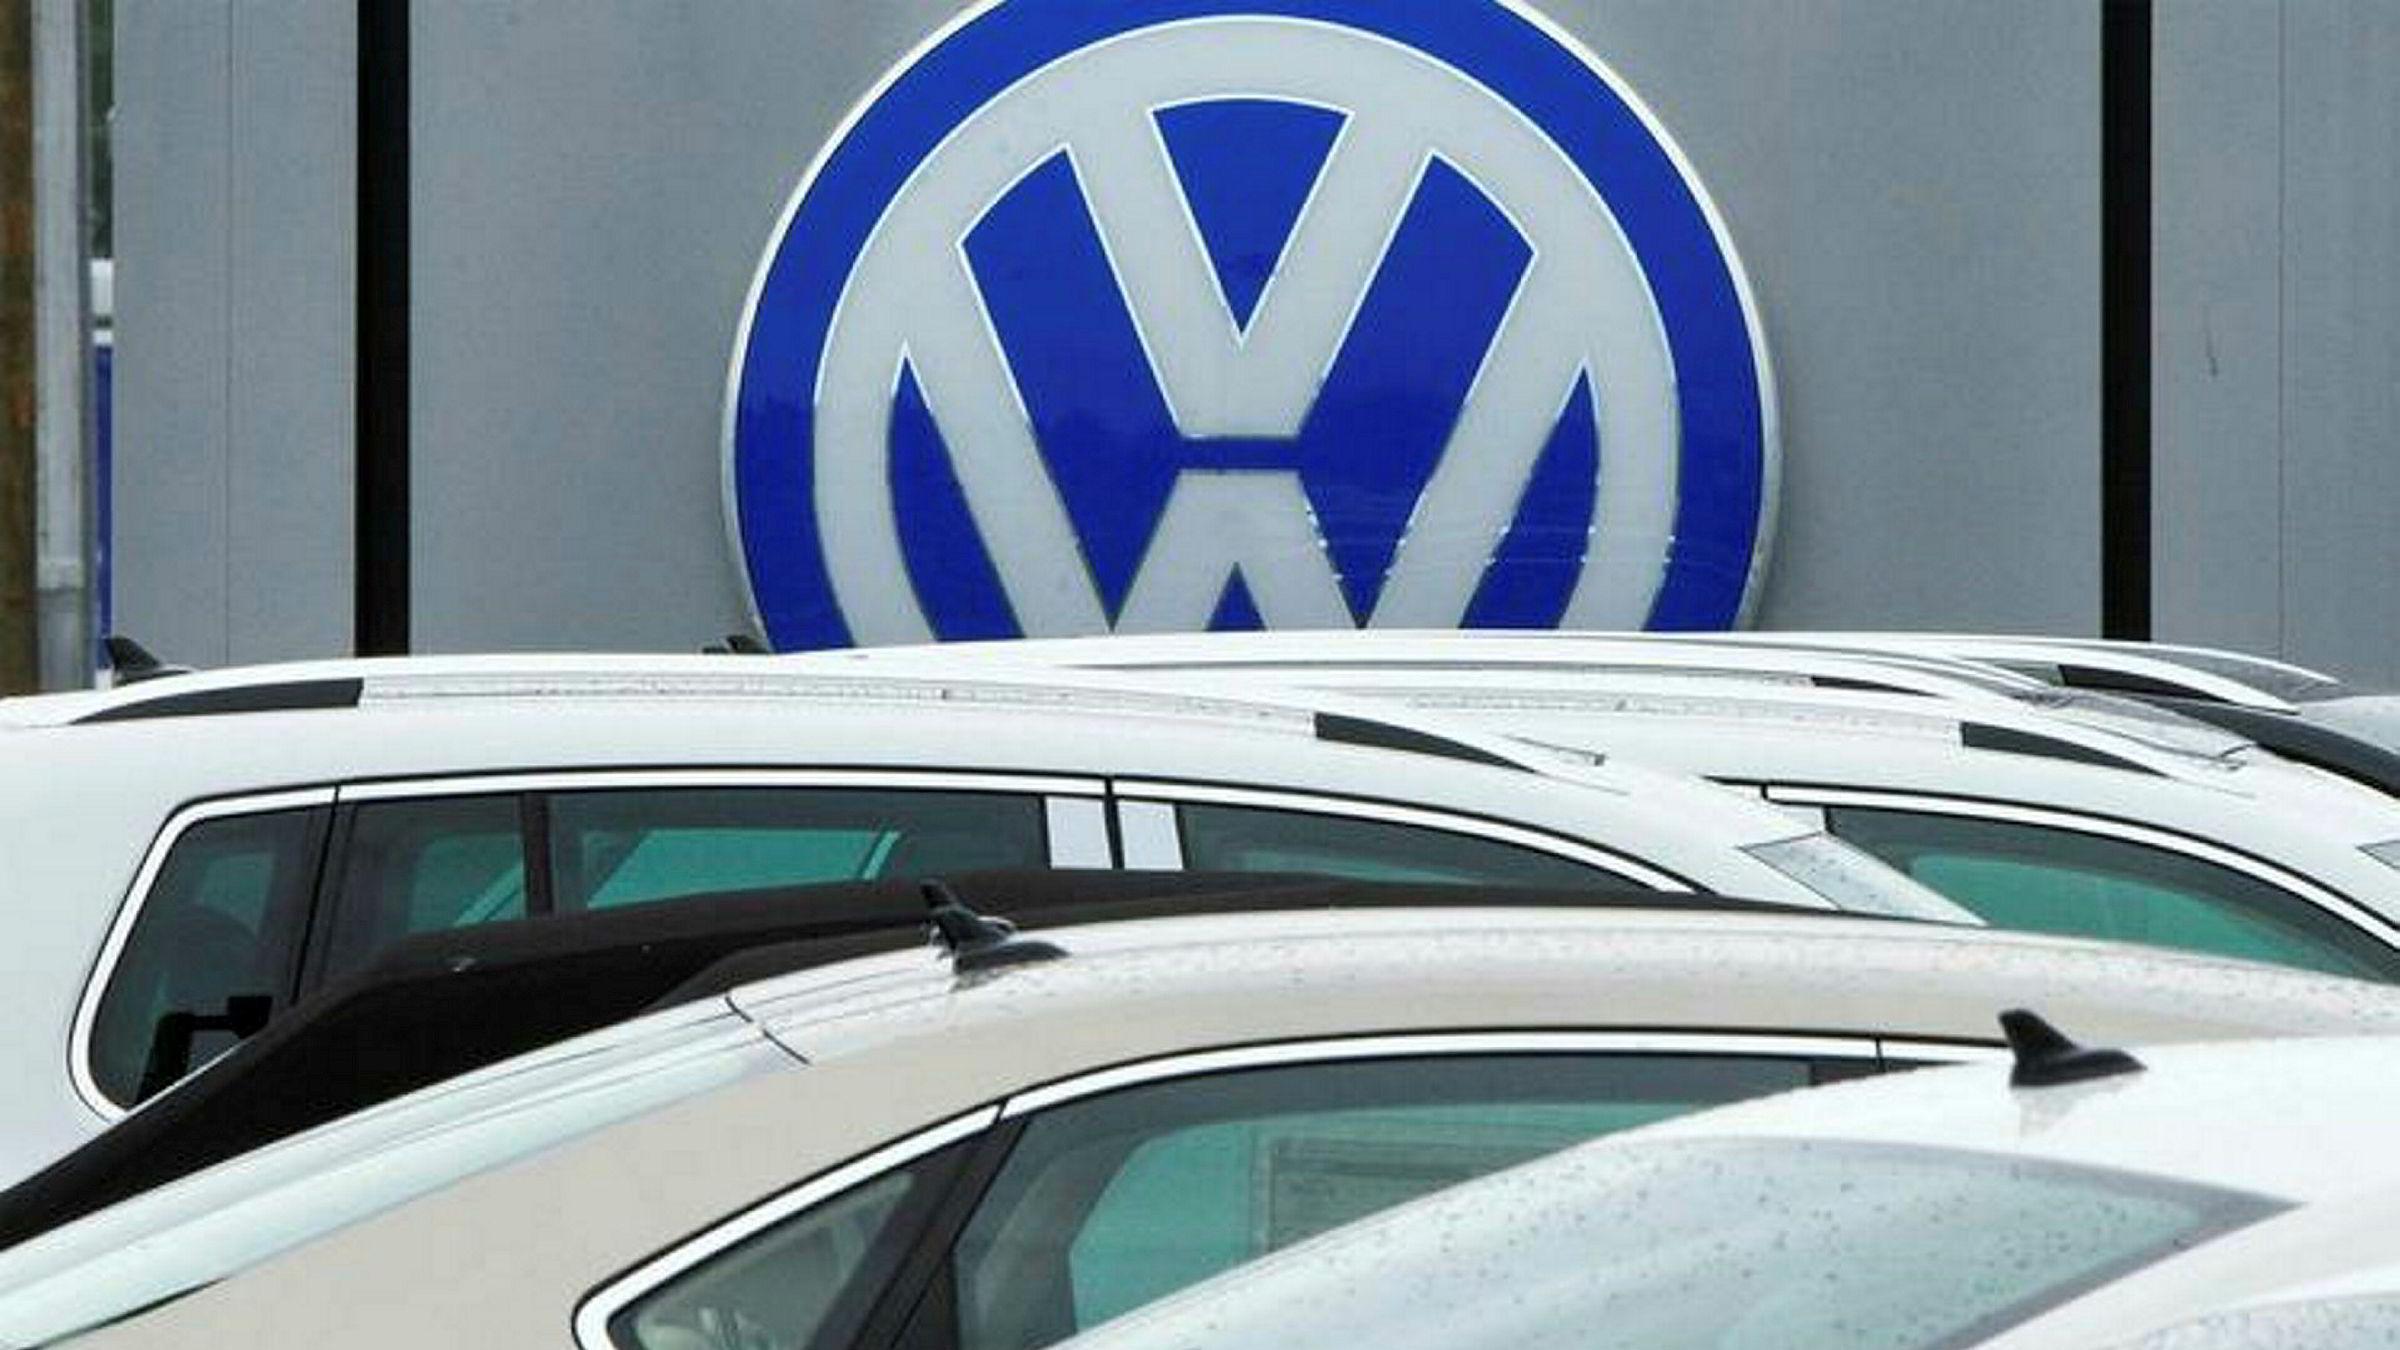 I april fikk Volkswagen ordre om å betale 2,8 milliarder dollar i USA for å ha jukset med utslipp.